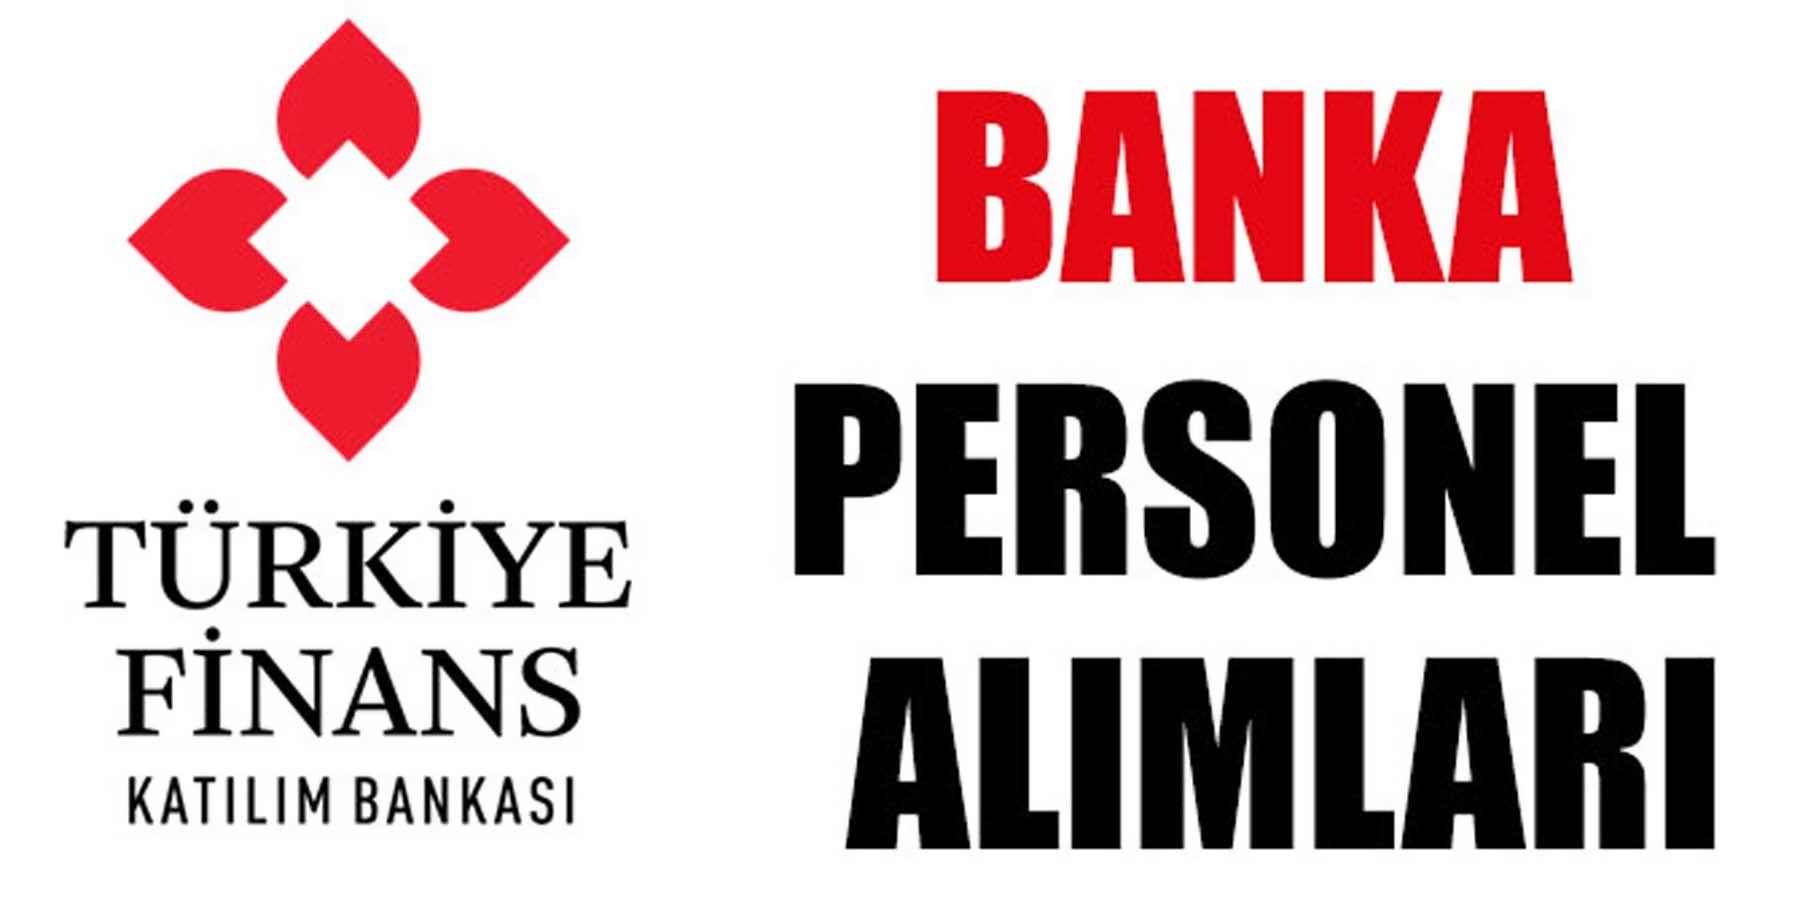 Banka Personel Alımı Finans Katılım Bankası İş İlanları